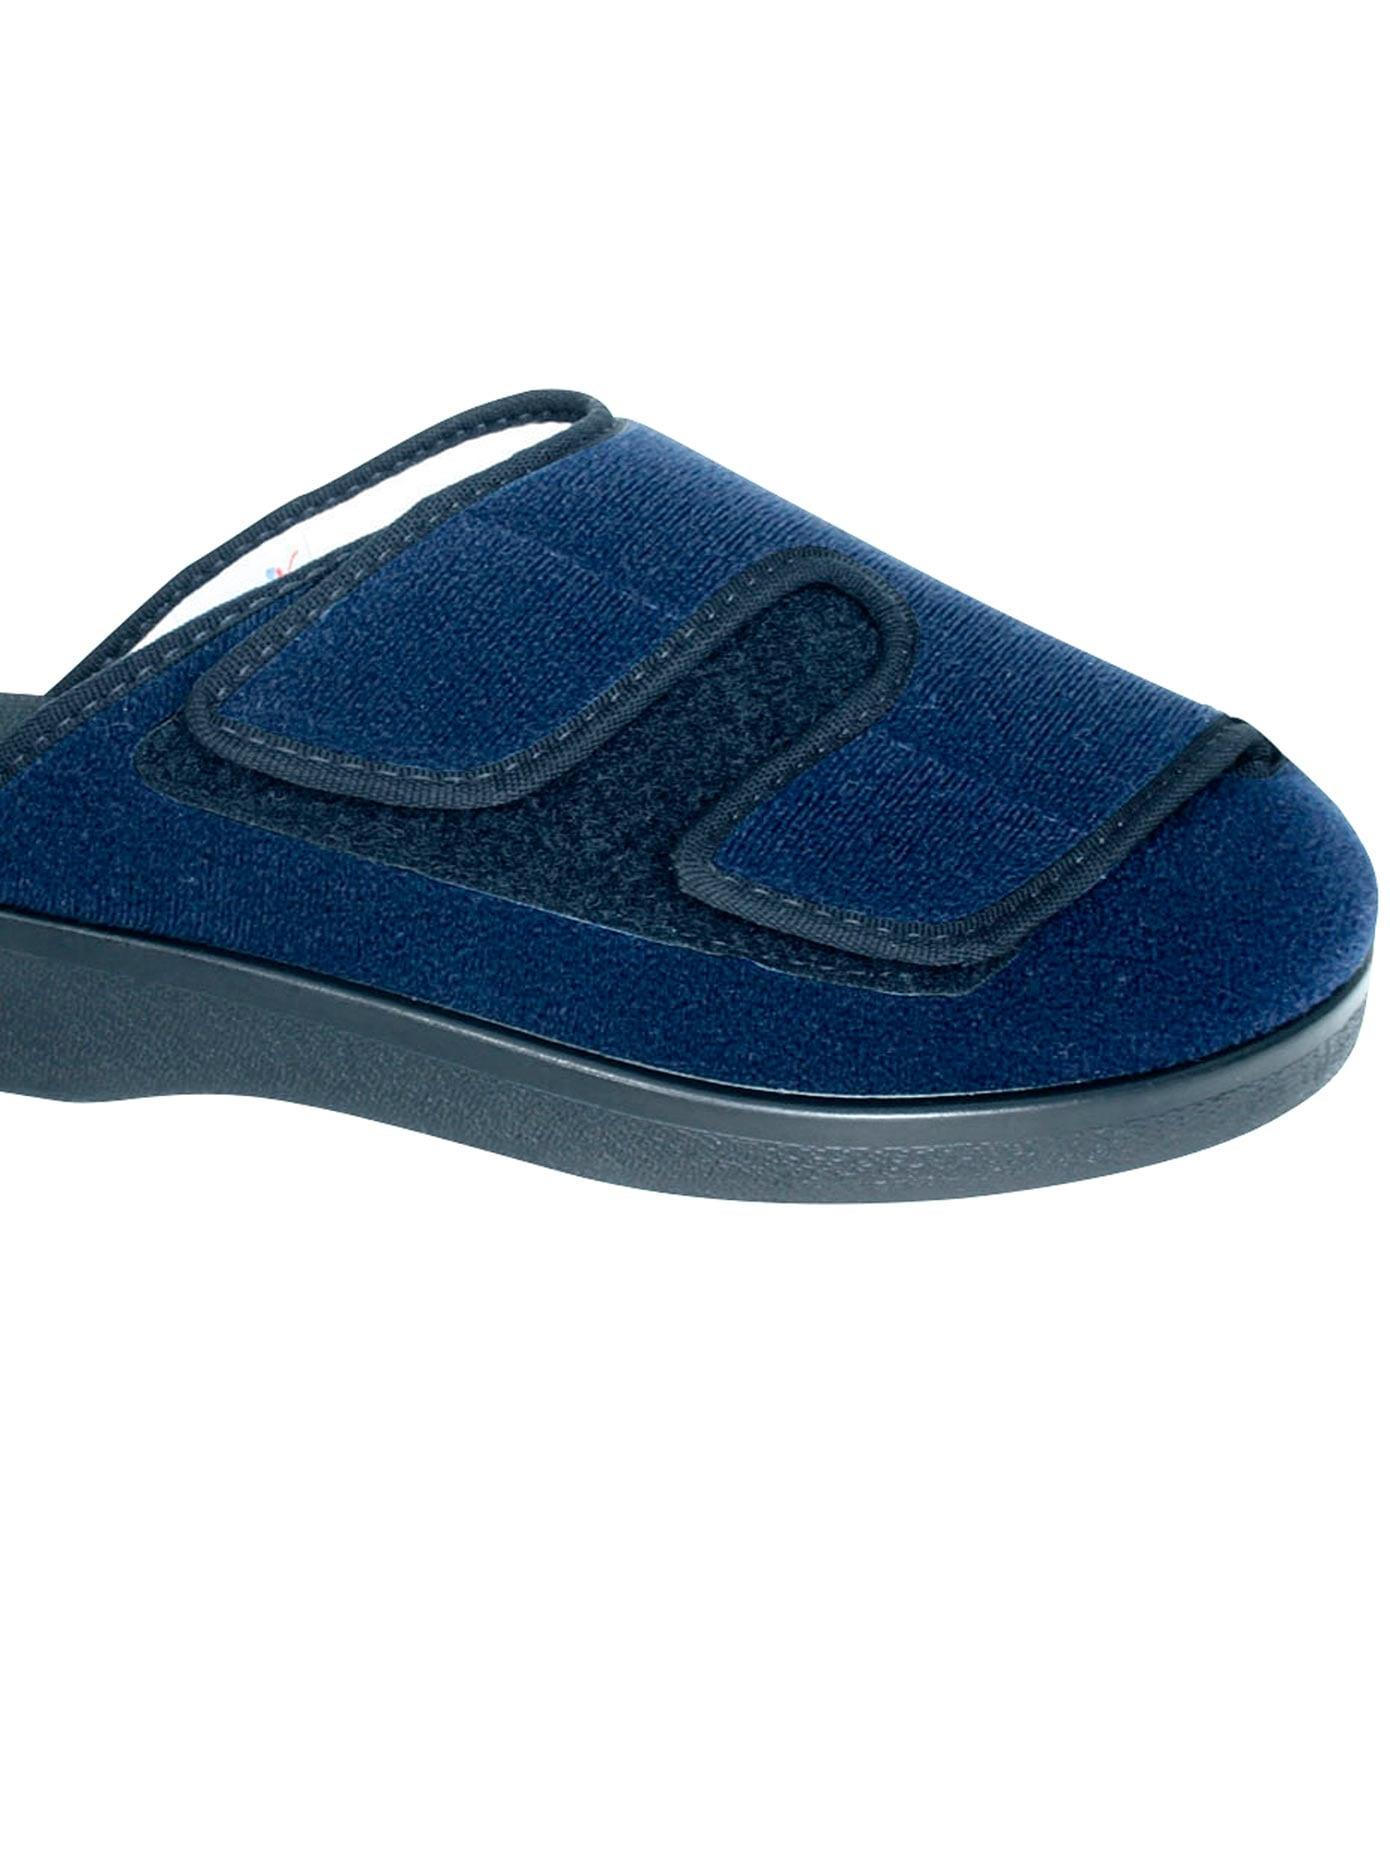 Florett Pantoffel aus Veloursmaterial | Schuhe > Hausschuhe > Pantoffeln | Blau | Polyamid | Florett